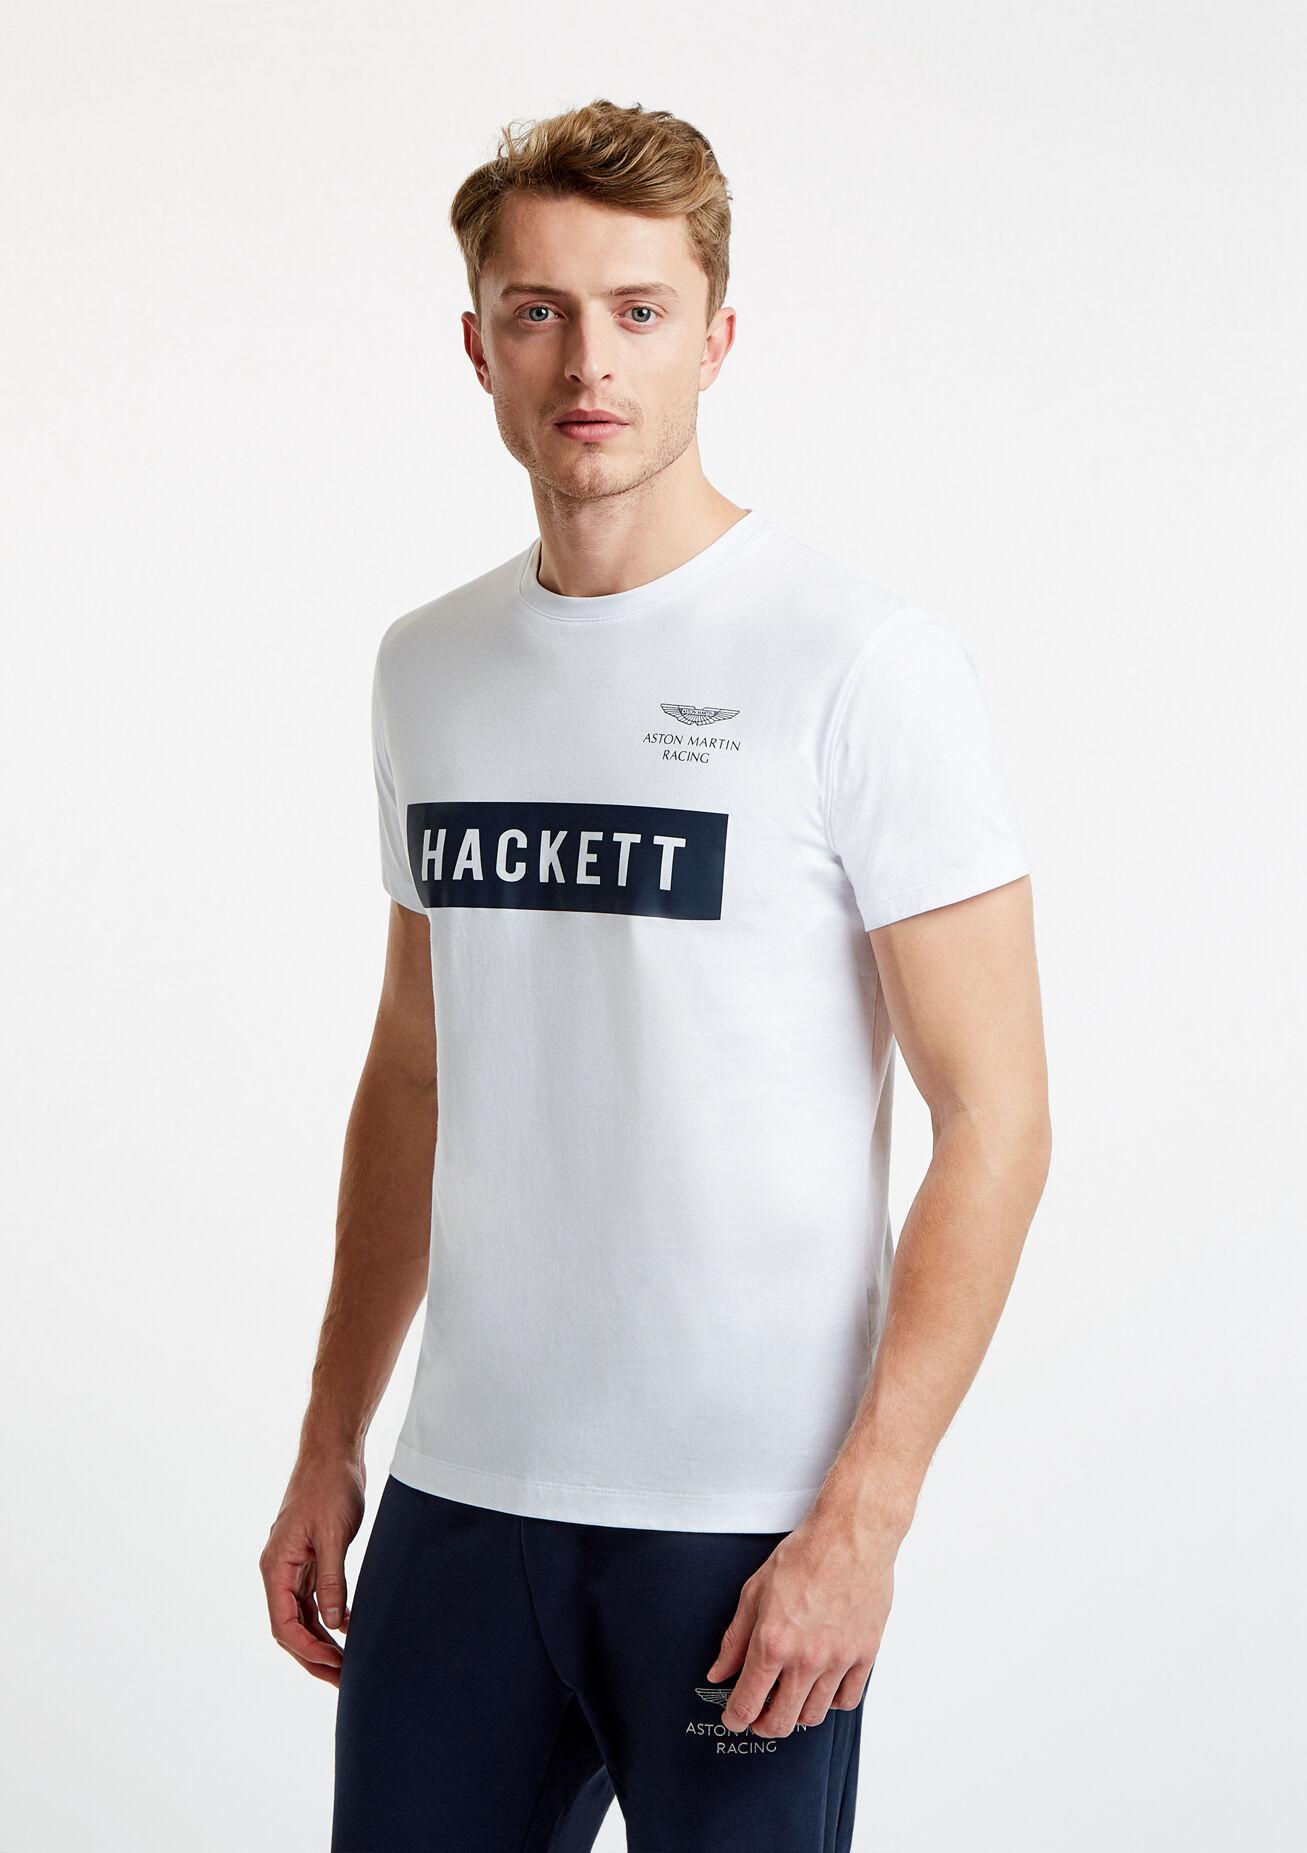 aston martin racing men's logo t-shirt | large | white